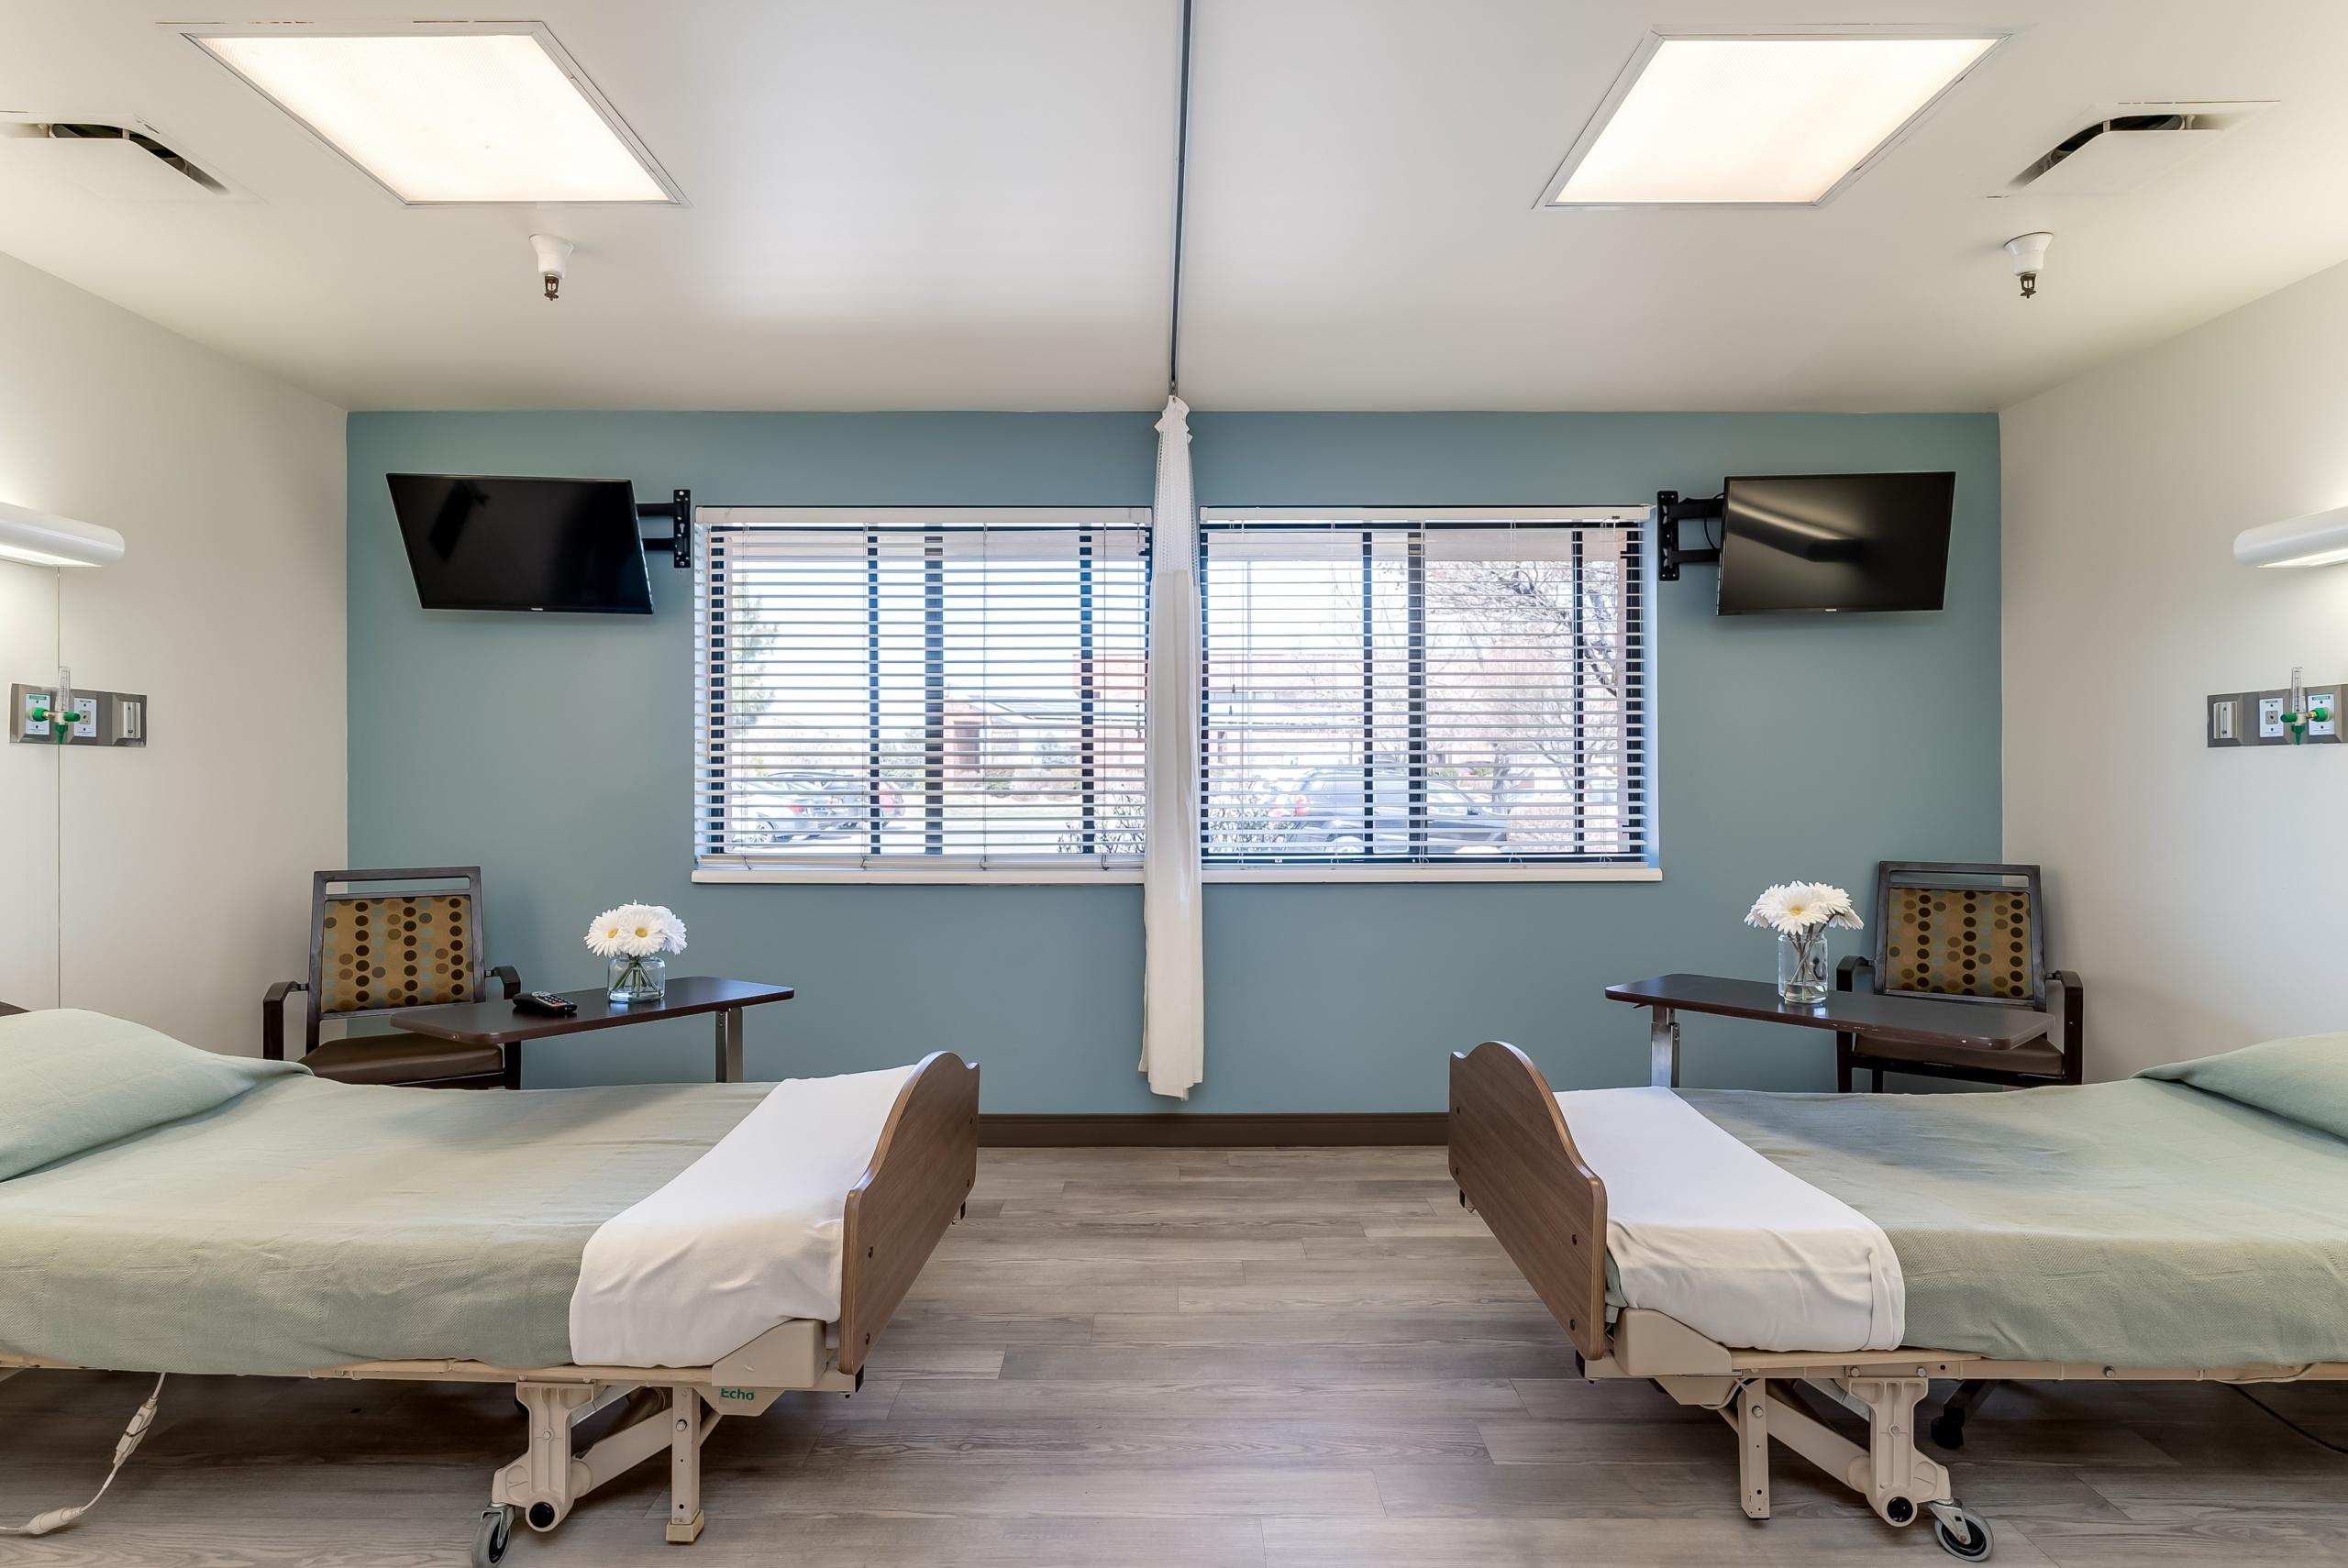 011_Patient Room